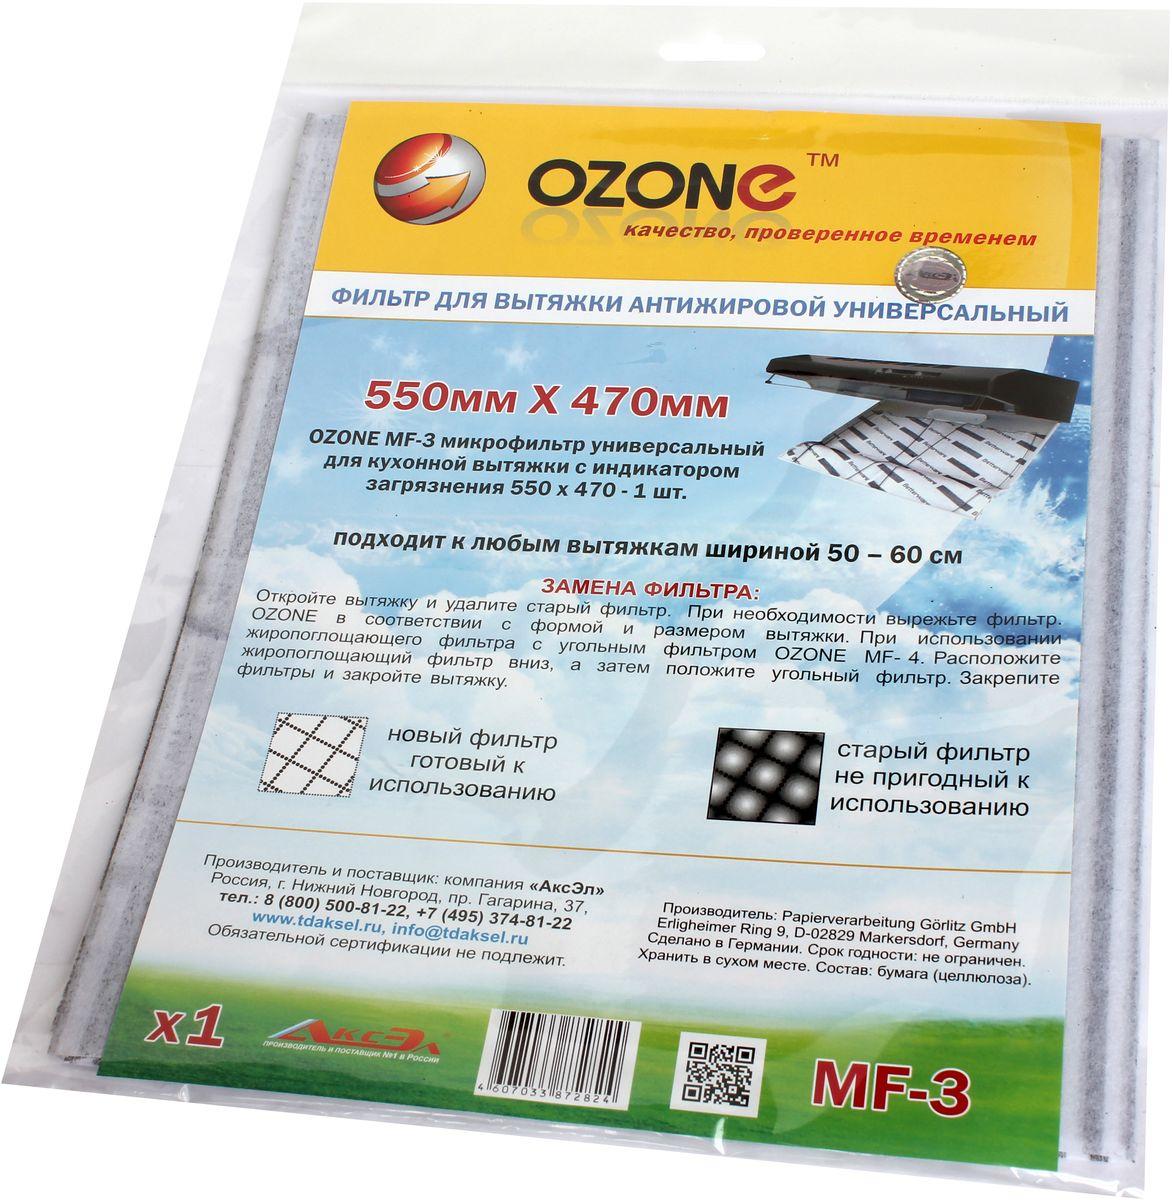 Ozone MF-3, микрофильтр для вытяжки антижировой универсальный